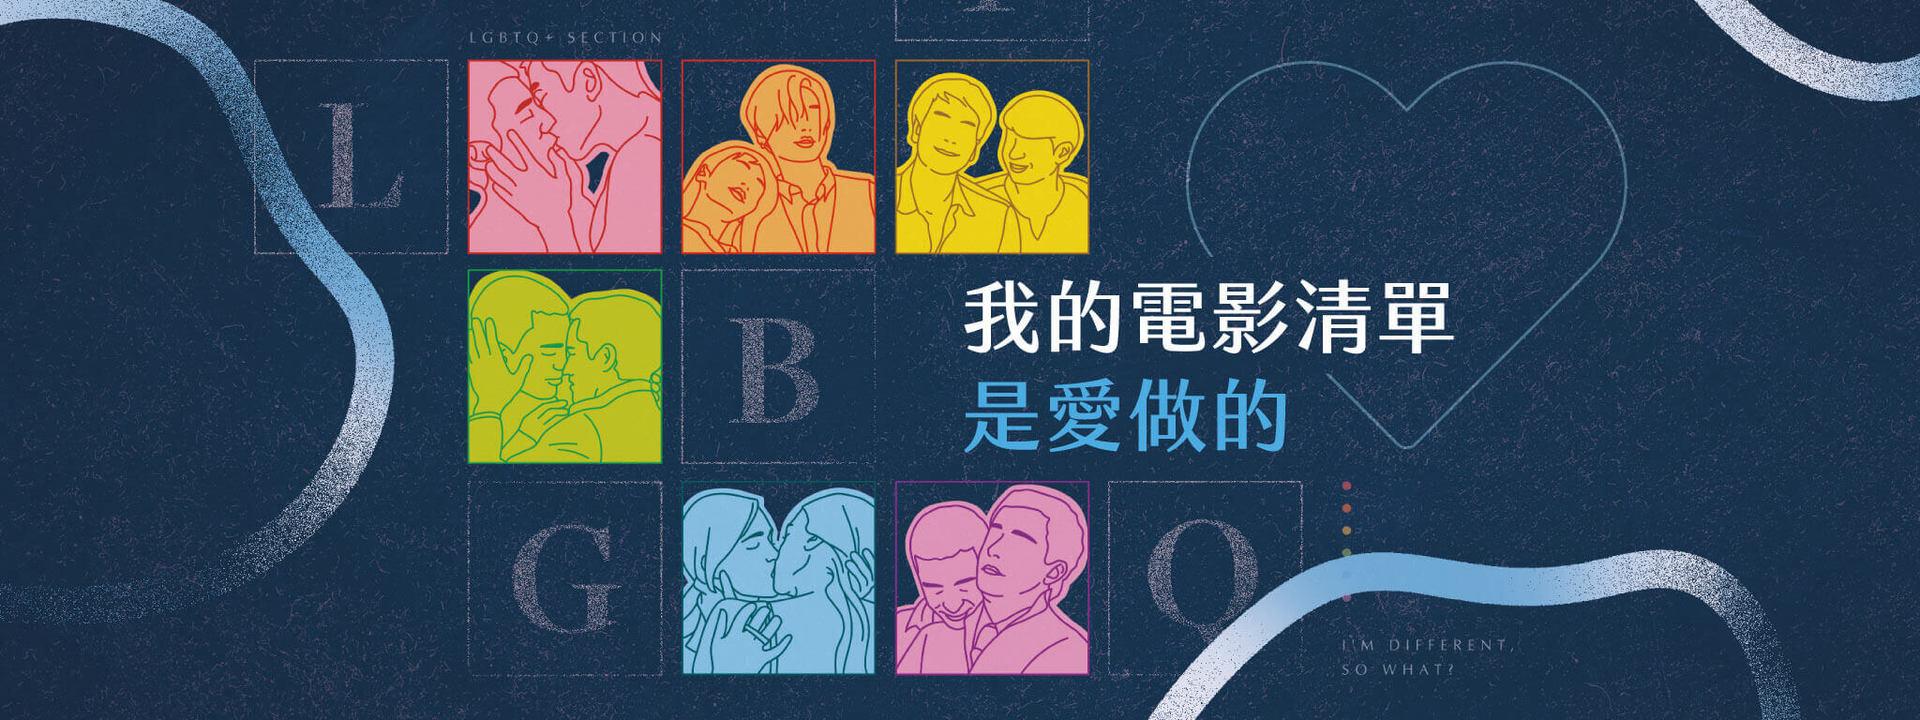 讓世界充滿彩虹吧!LGBTQ影展開展